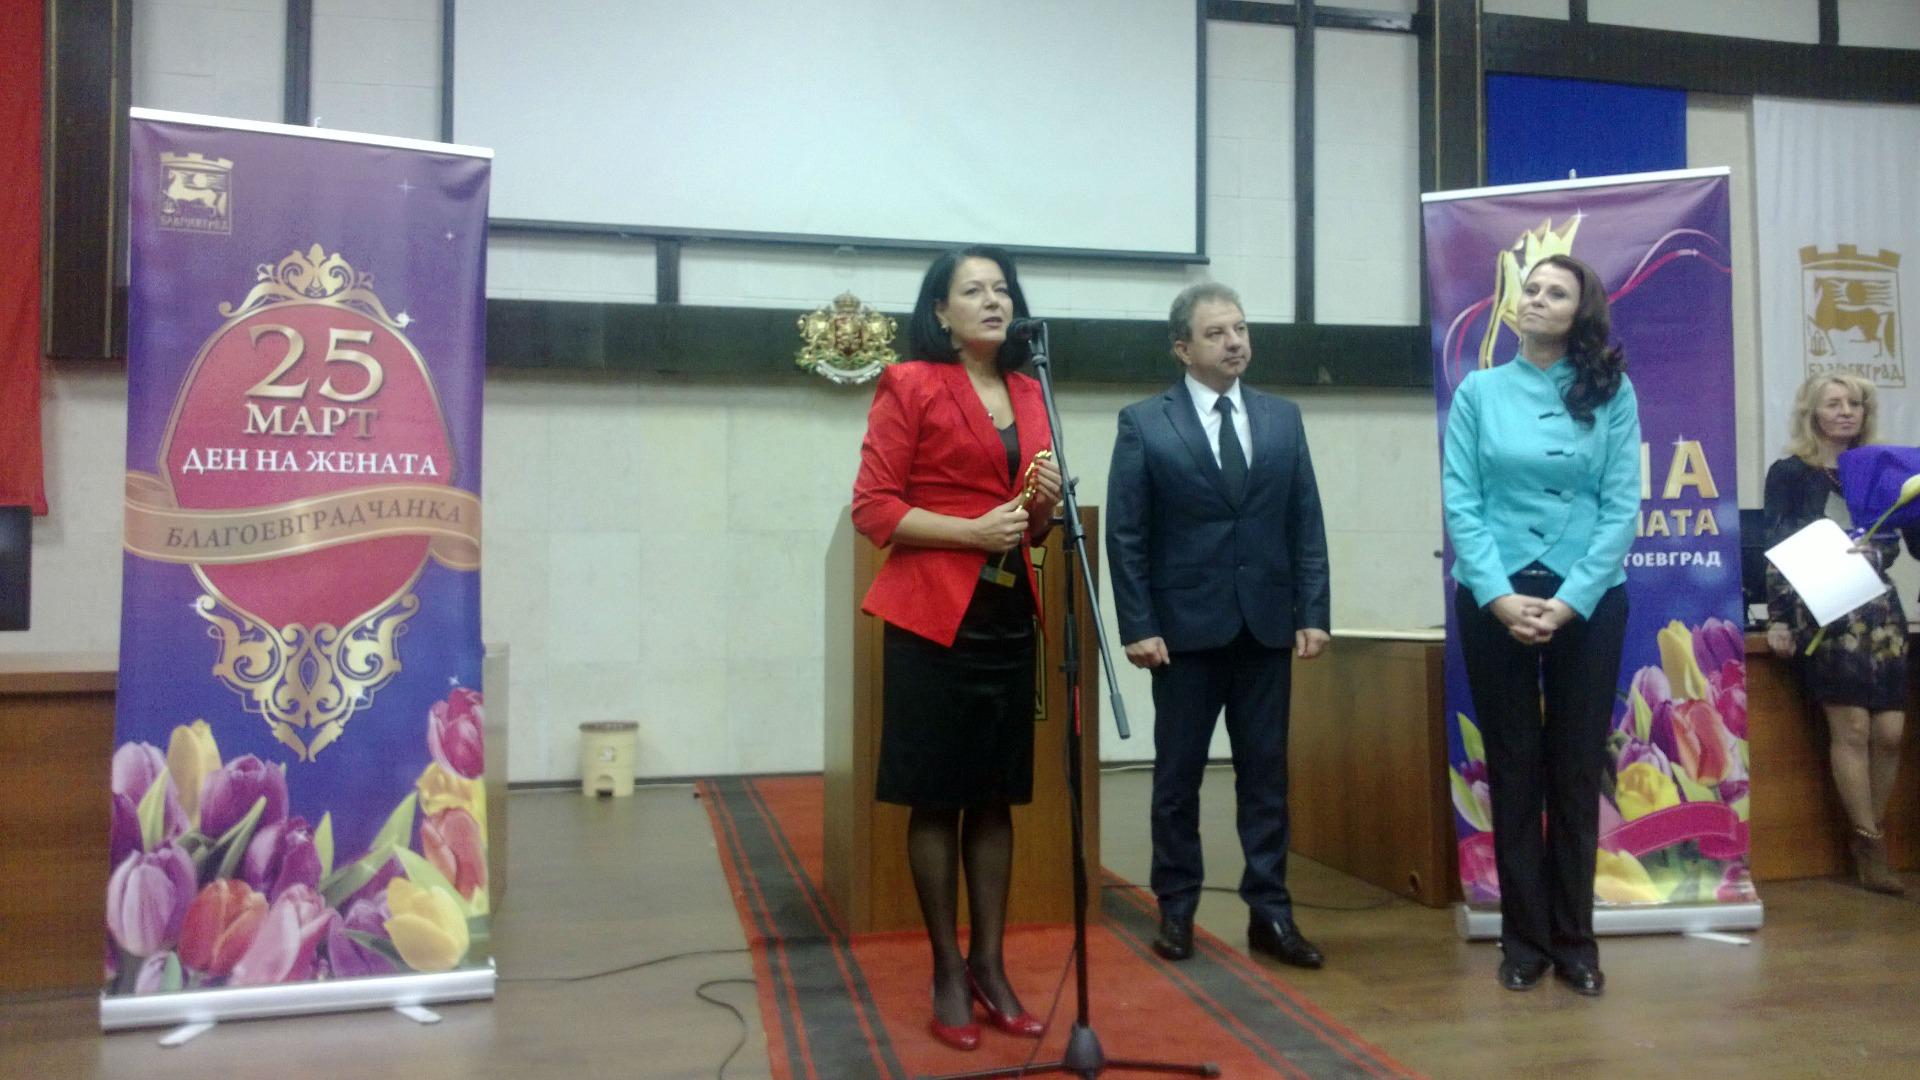 Елисавета Каменичка е носителка на тазгодишния приз Жена на годината на Благоевград